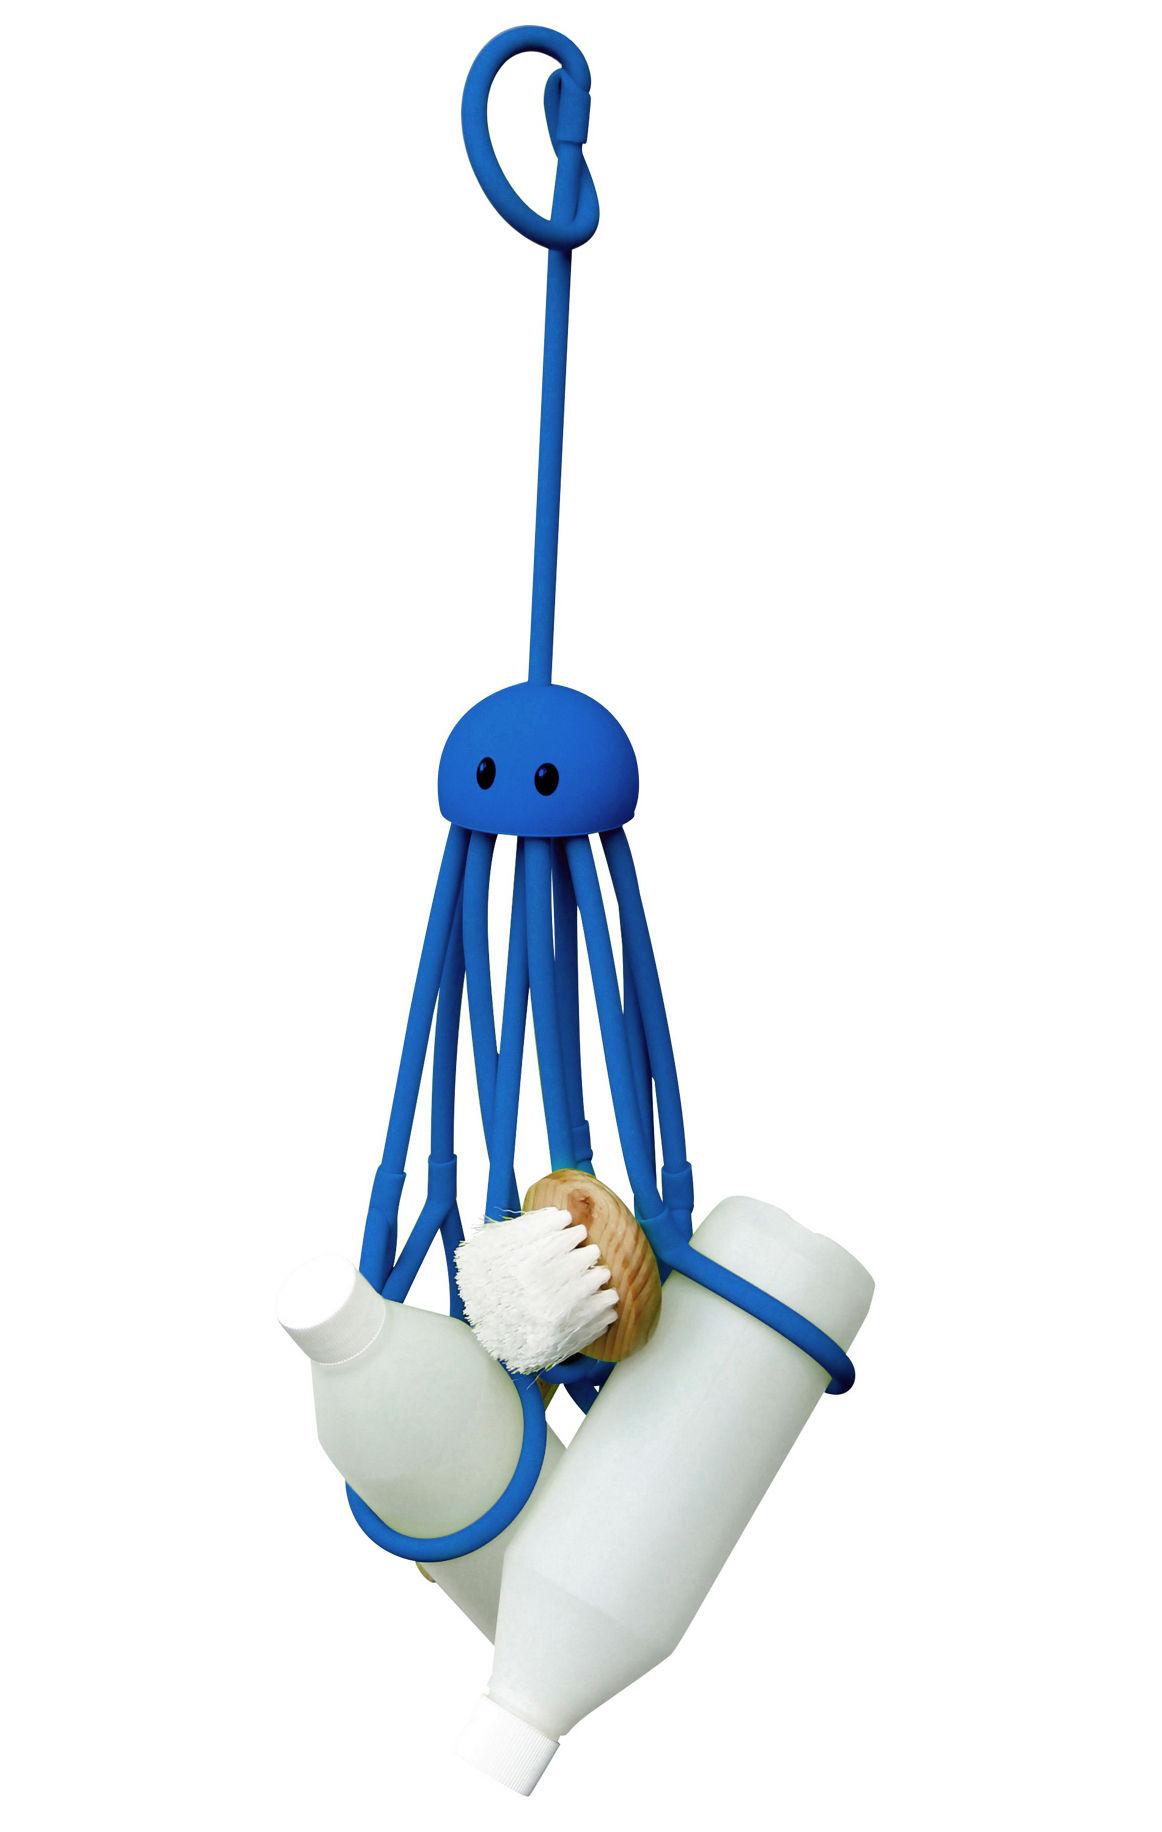 Dekoration - Badezimmer - Octopus Ablage Duschkrake - Pa Design - Blau - Kautschuk